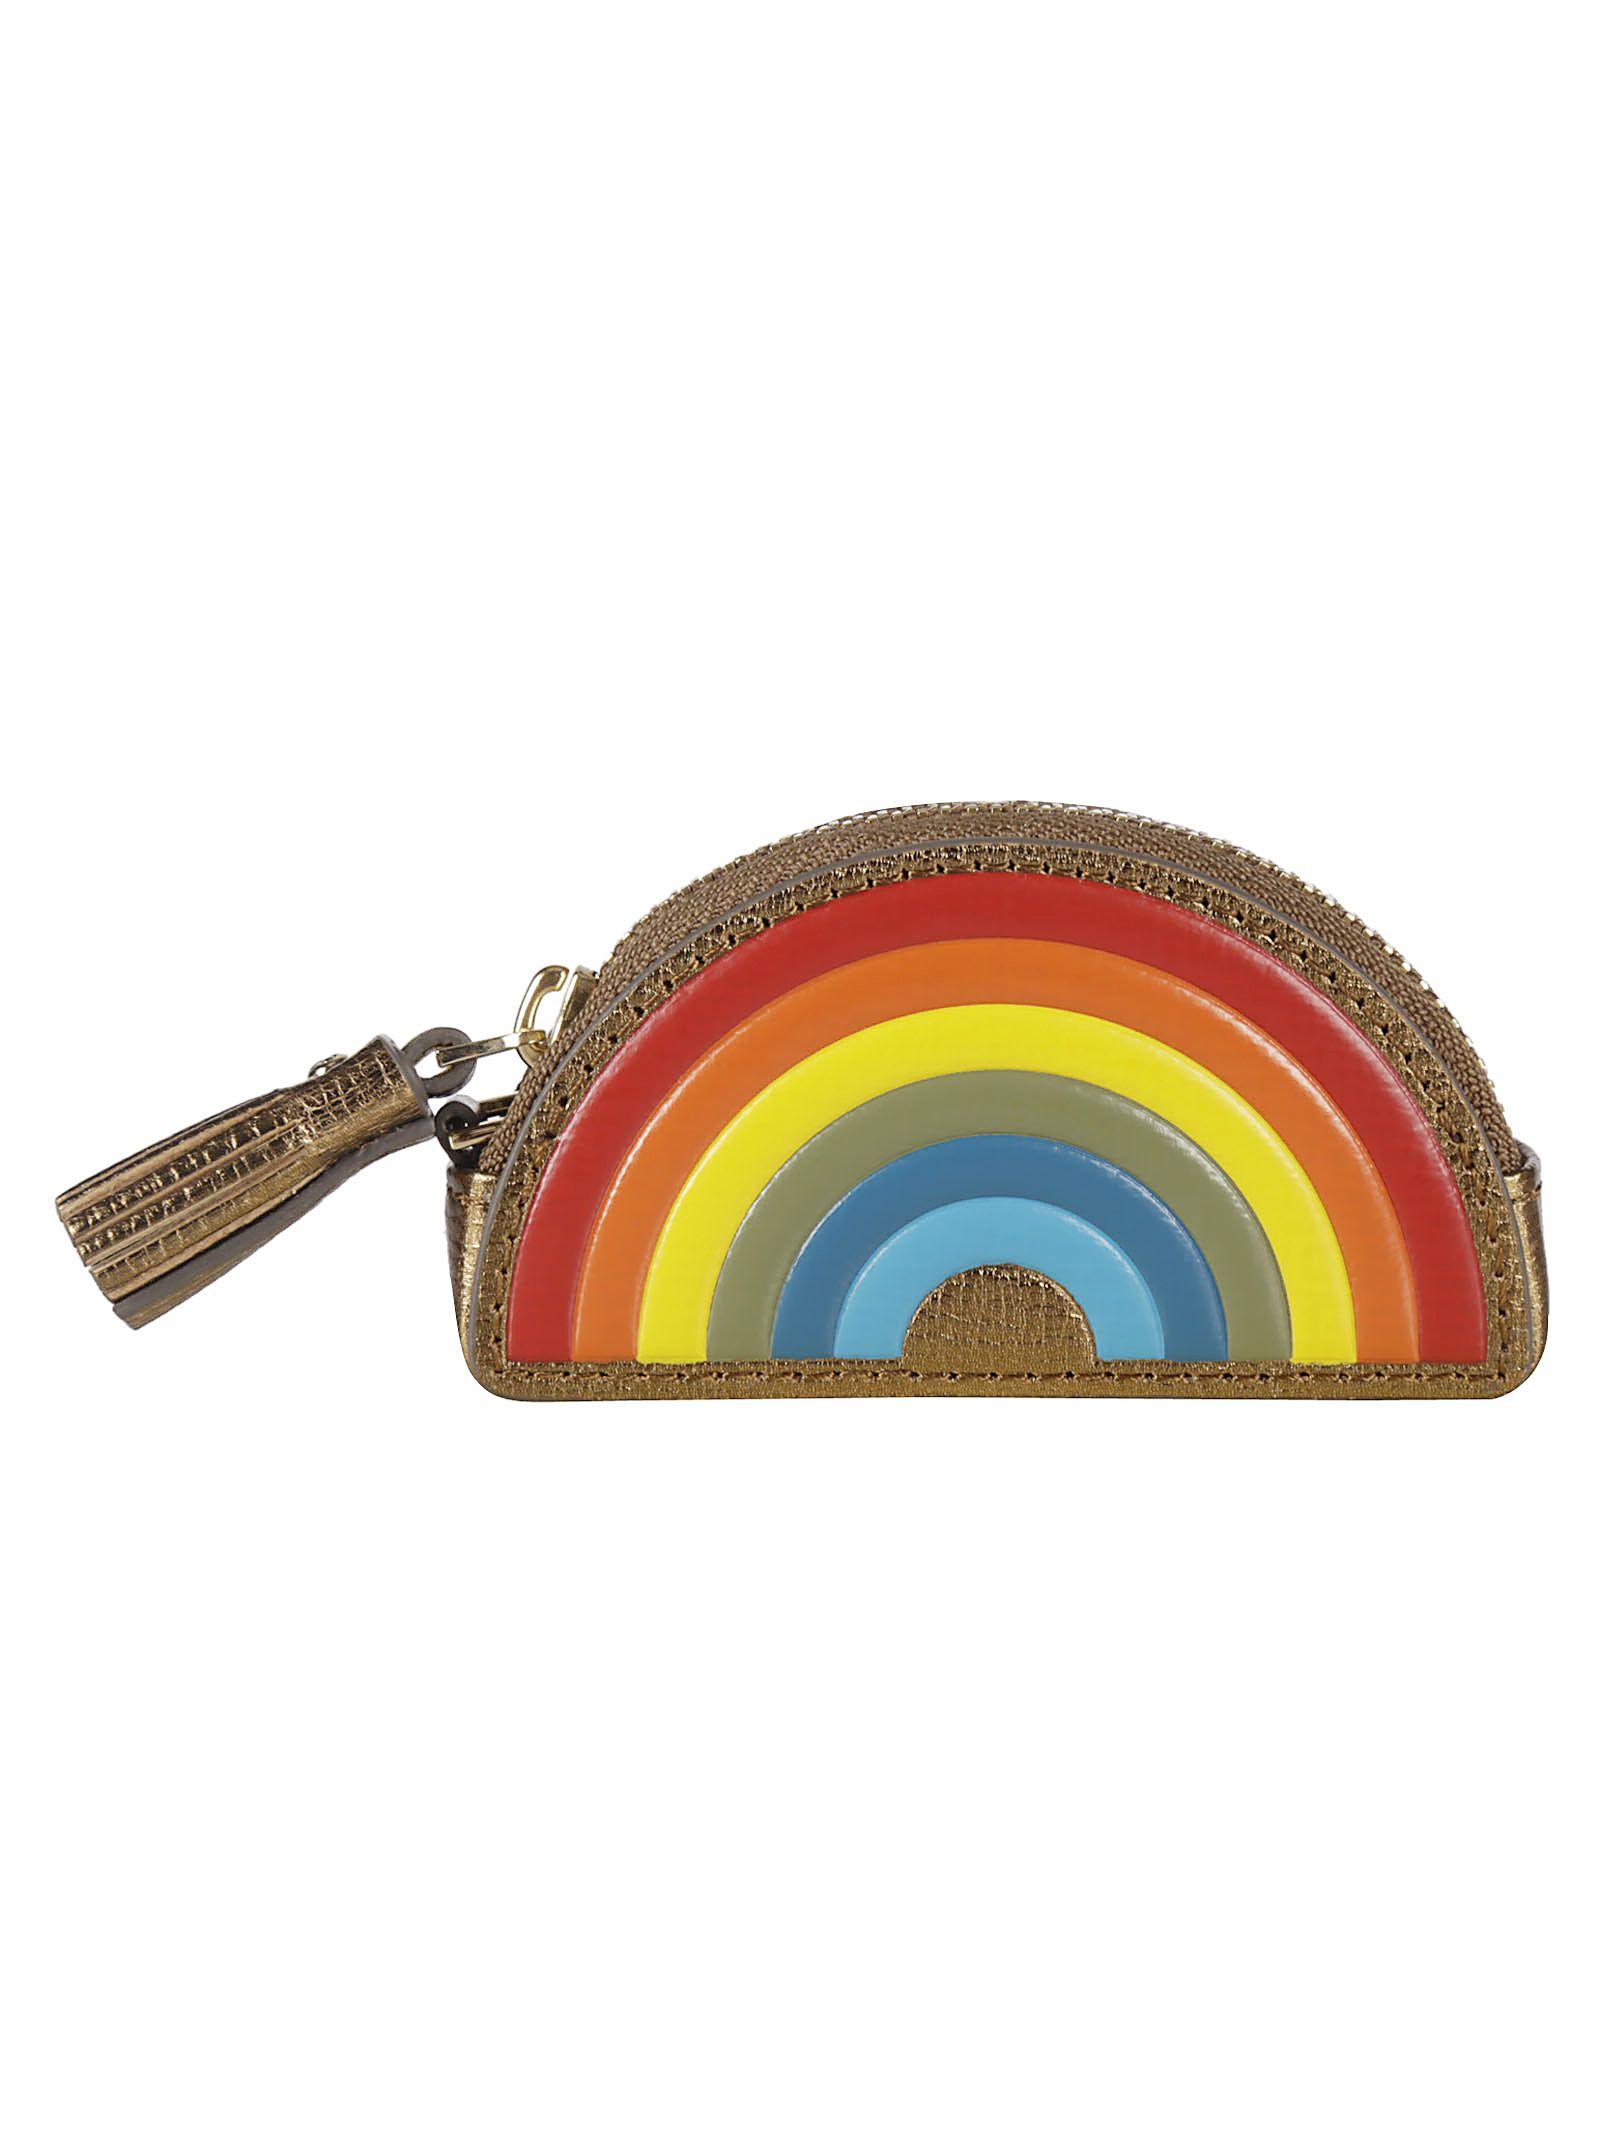 Anya Hindmarch Rainbow Coin Purse Clutch